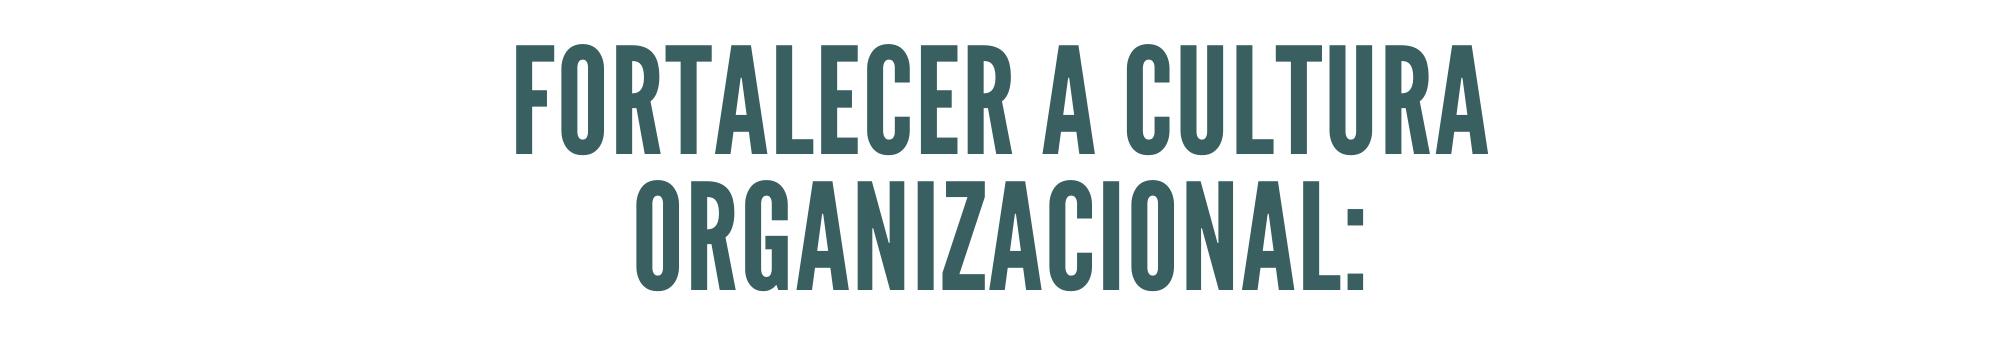 fortalecer a cultura organizacional motivação